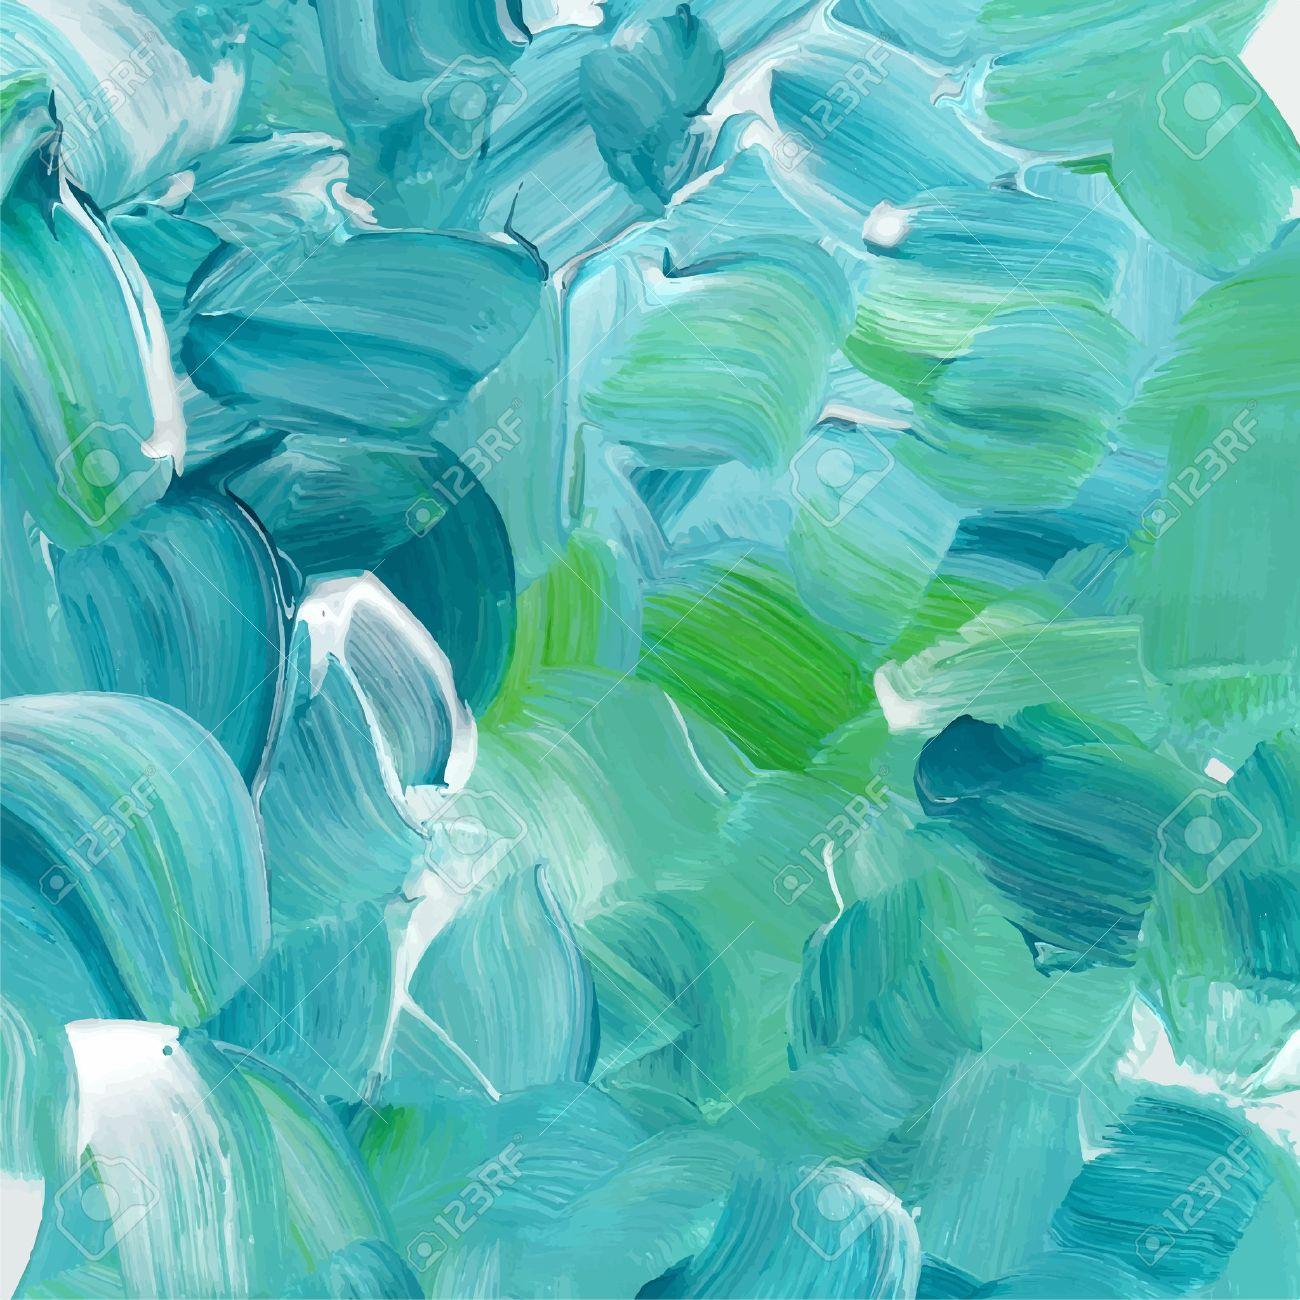 Turquoise blue oil paint texture. - 41723986